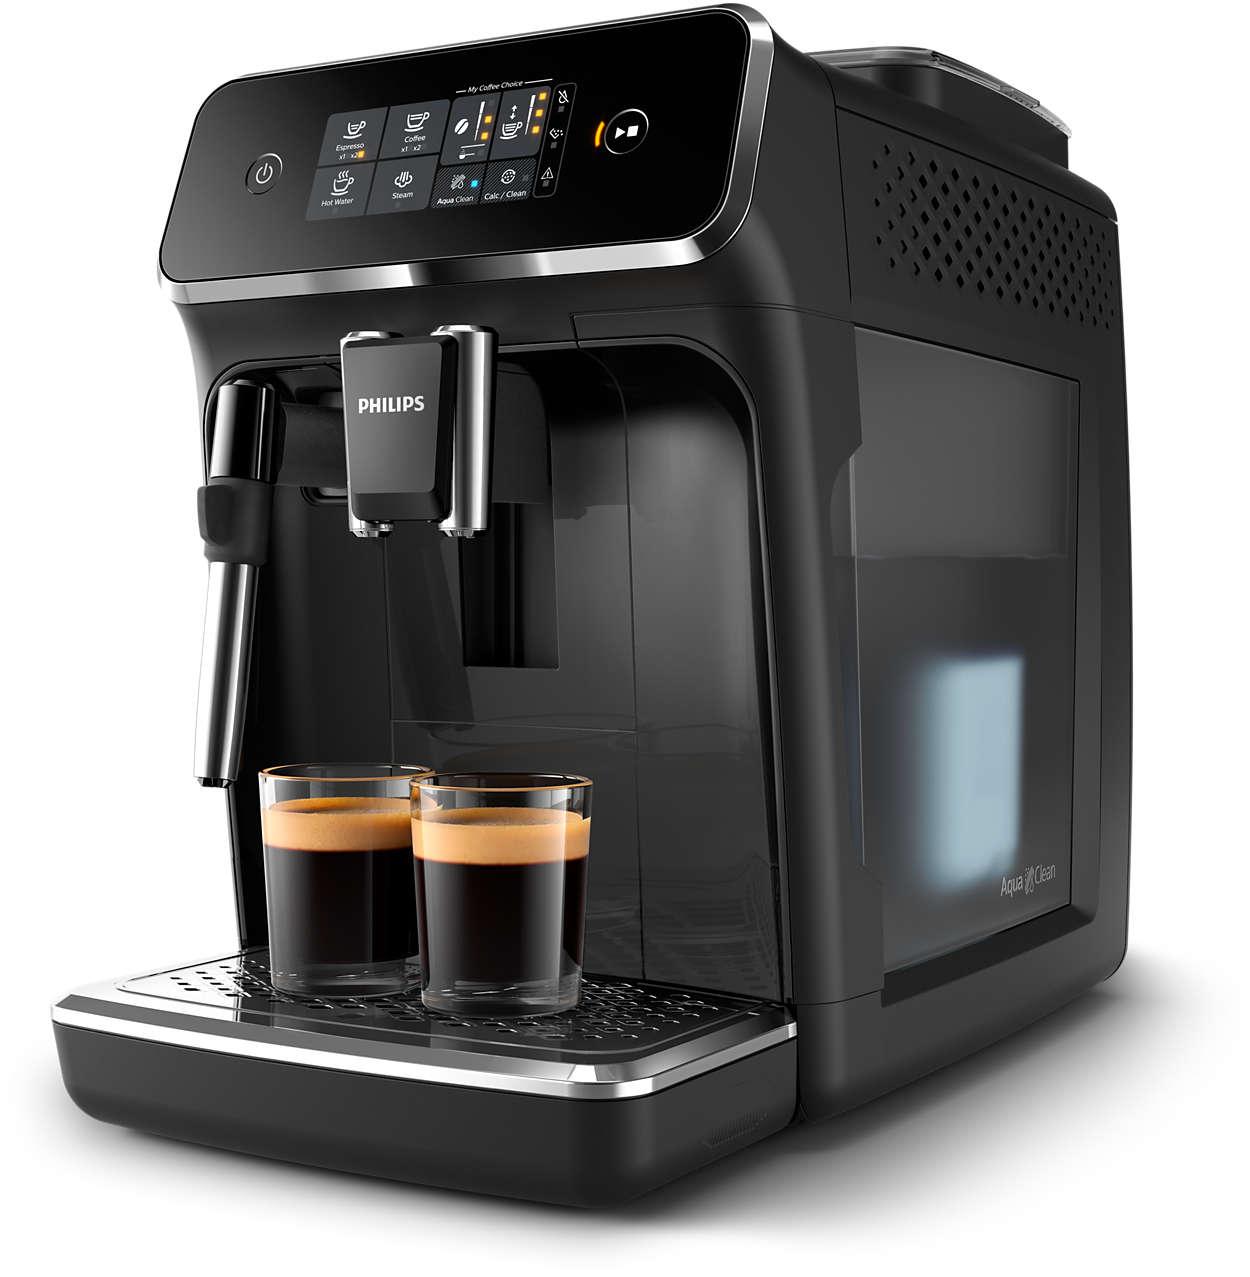 Philips EP2224/40 espressomachine weer op voorraad